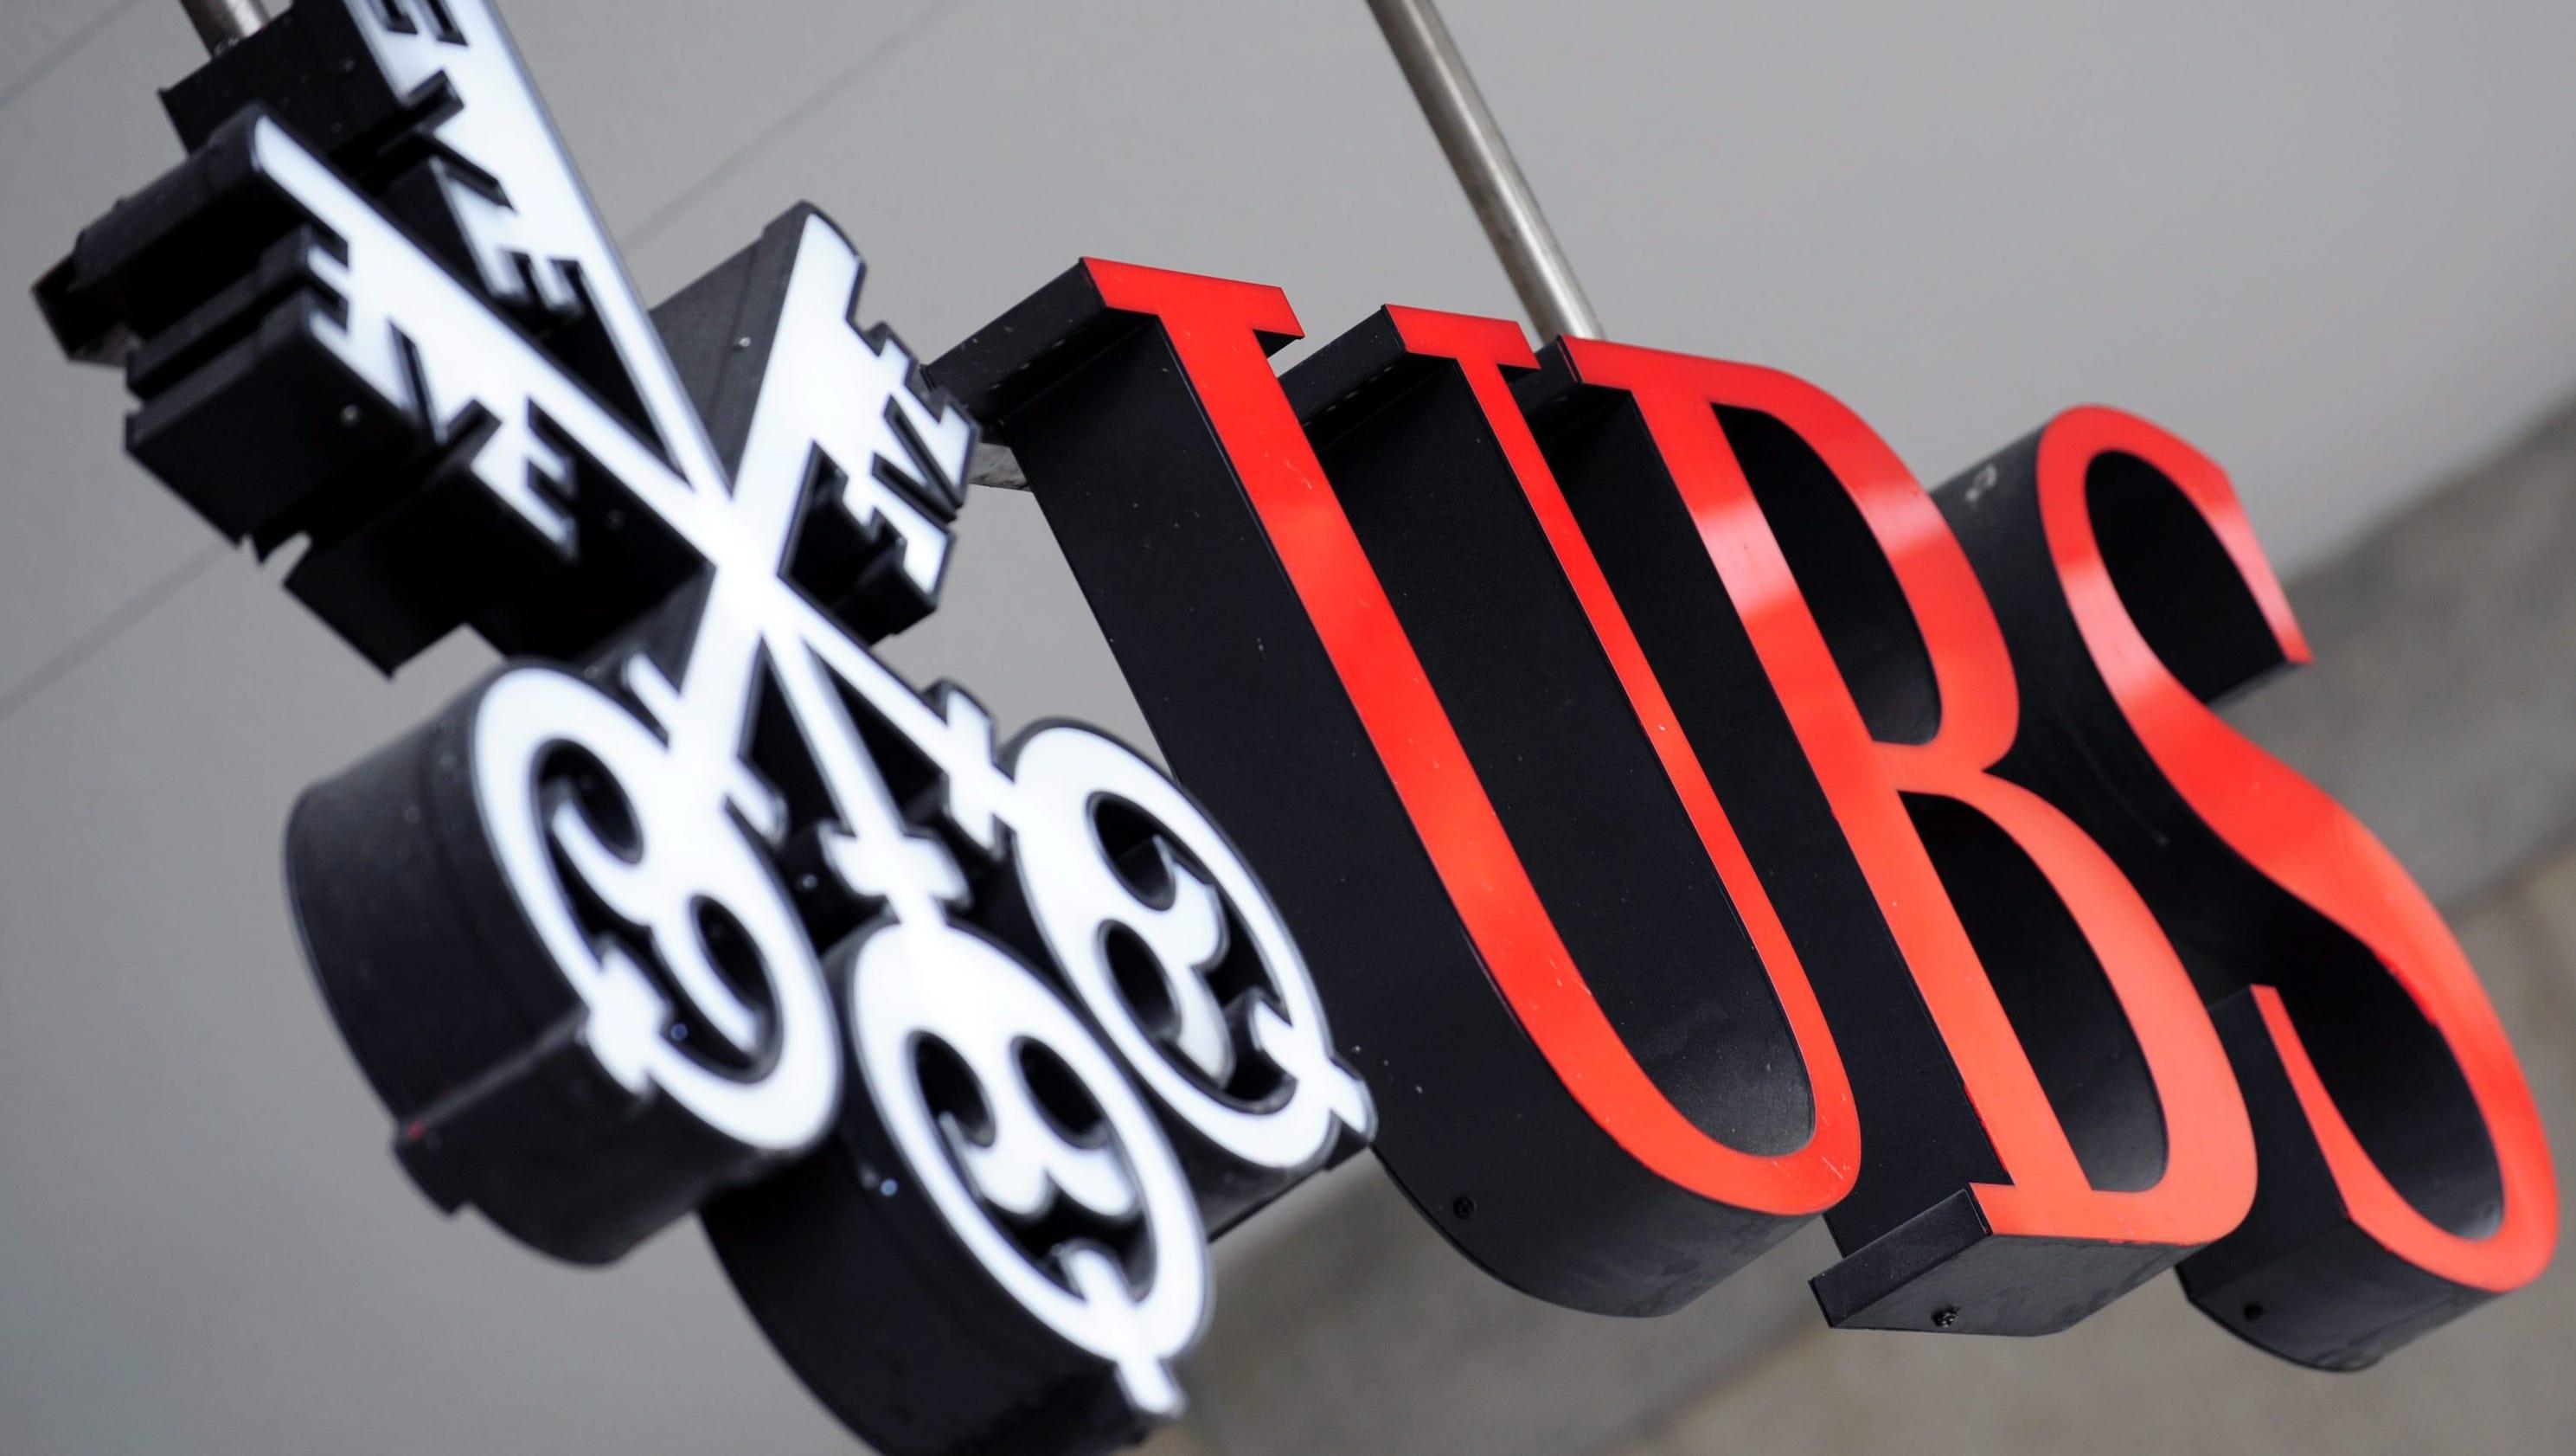 Швейцарский банк UBS тестирует искусственный интеллект